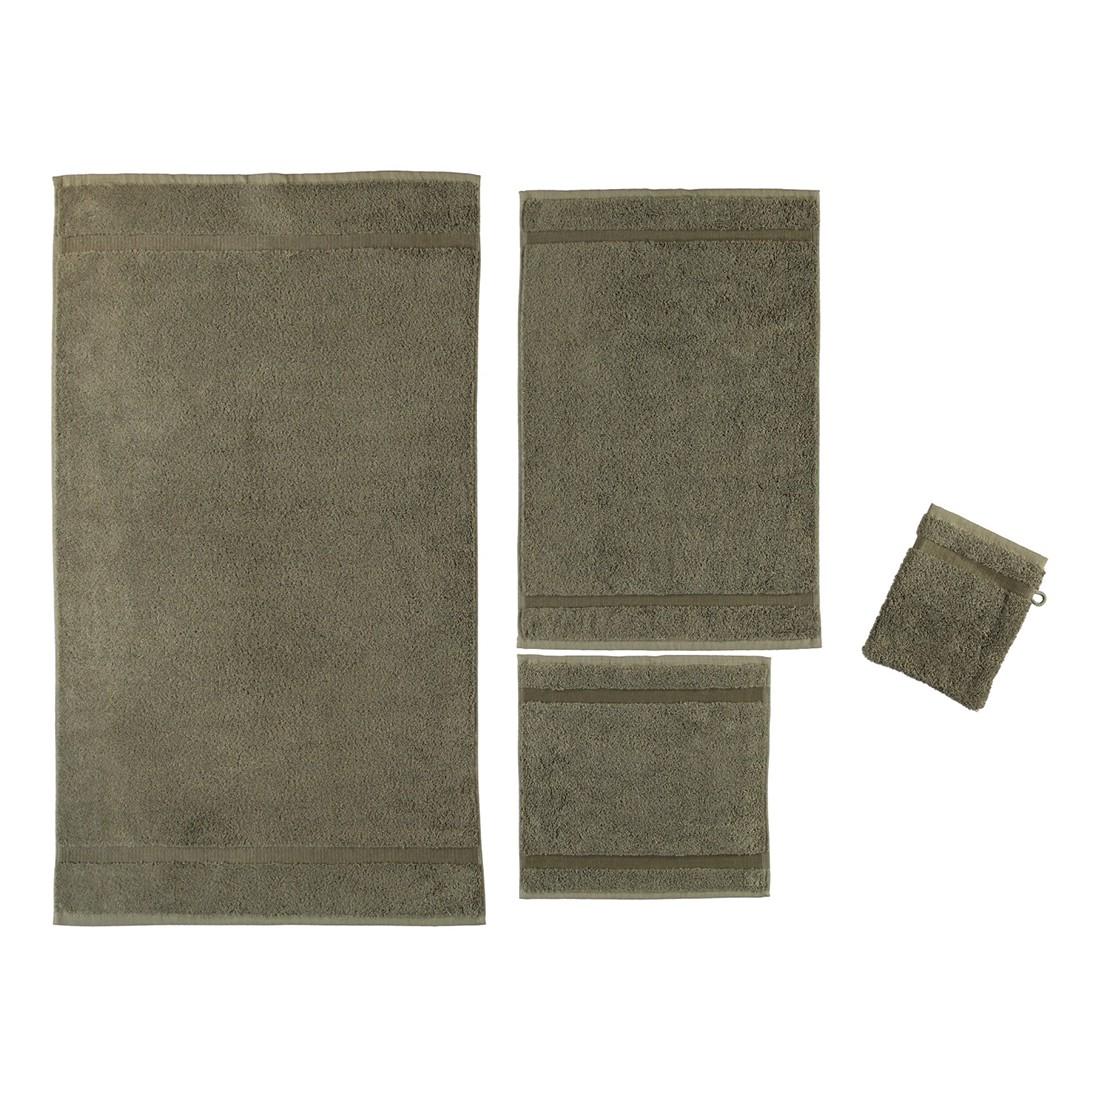 Handtuch Princess – 100% Baumwolle taupe – 58 – Gästetuch: 40 x 60 cm, Rhomtuft jetzt bestellen